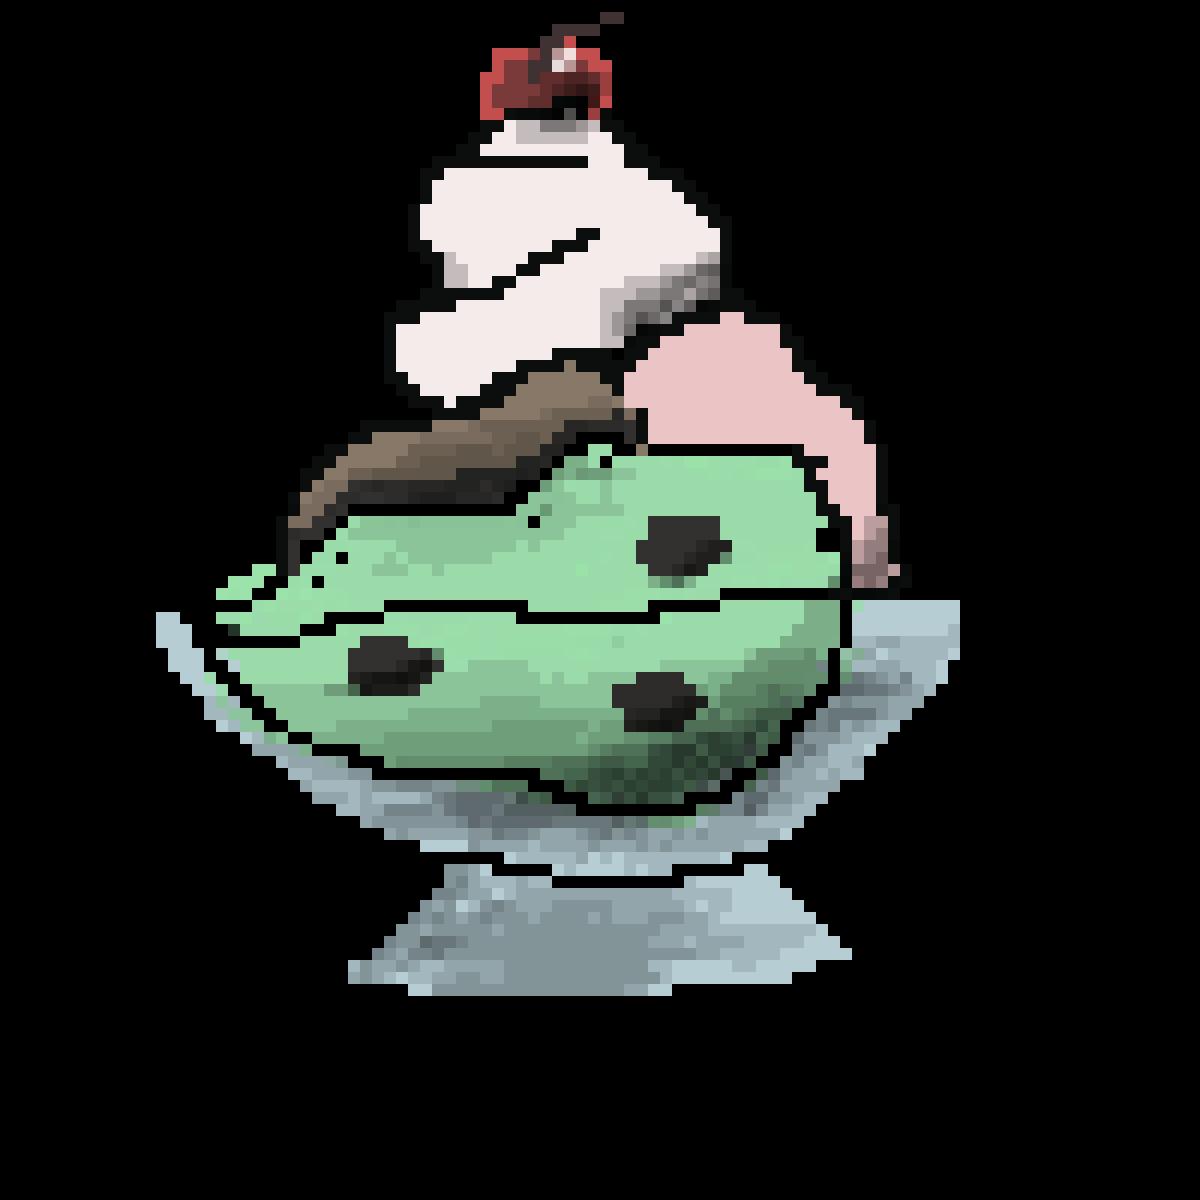 Ice cream by VbotGamer